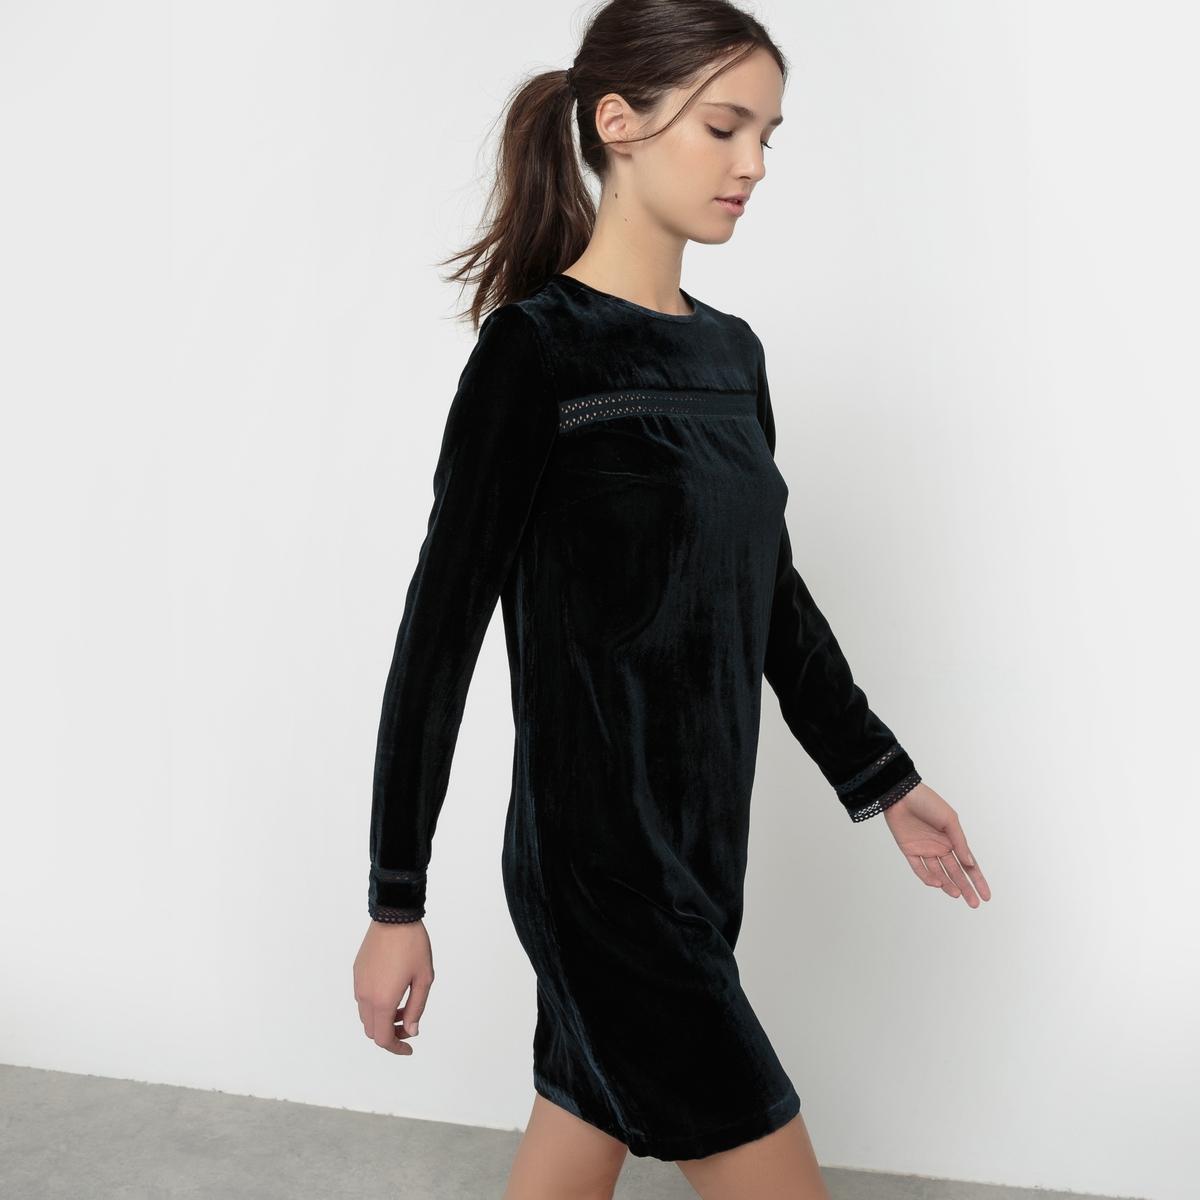 Платье велюровоеПлатье из велюра с легким блестящим эффектом. Прямой покрой. Длинные рукава. Круглый вырез. Разрез на пуговице сзади . Кружевная тесьма на груди спереди и внизу рукавов . Состав и описание Материал : 75% вискозы, 25% полиамидаДлина : 90 смМарка : Mademoiselle R.Уход:Машинная стирка при 30 °C на деликатном режиме Стирать с изнанки с одеждой подобного цвета Машинная сушка запрещена Гладить с изнанки на очень низкой температуре<br><br>Цвет: темно-синий<br>Размер: 42 (FR) - 48 (RUS)